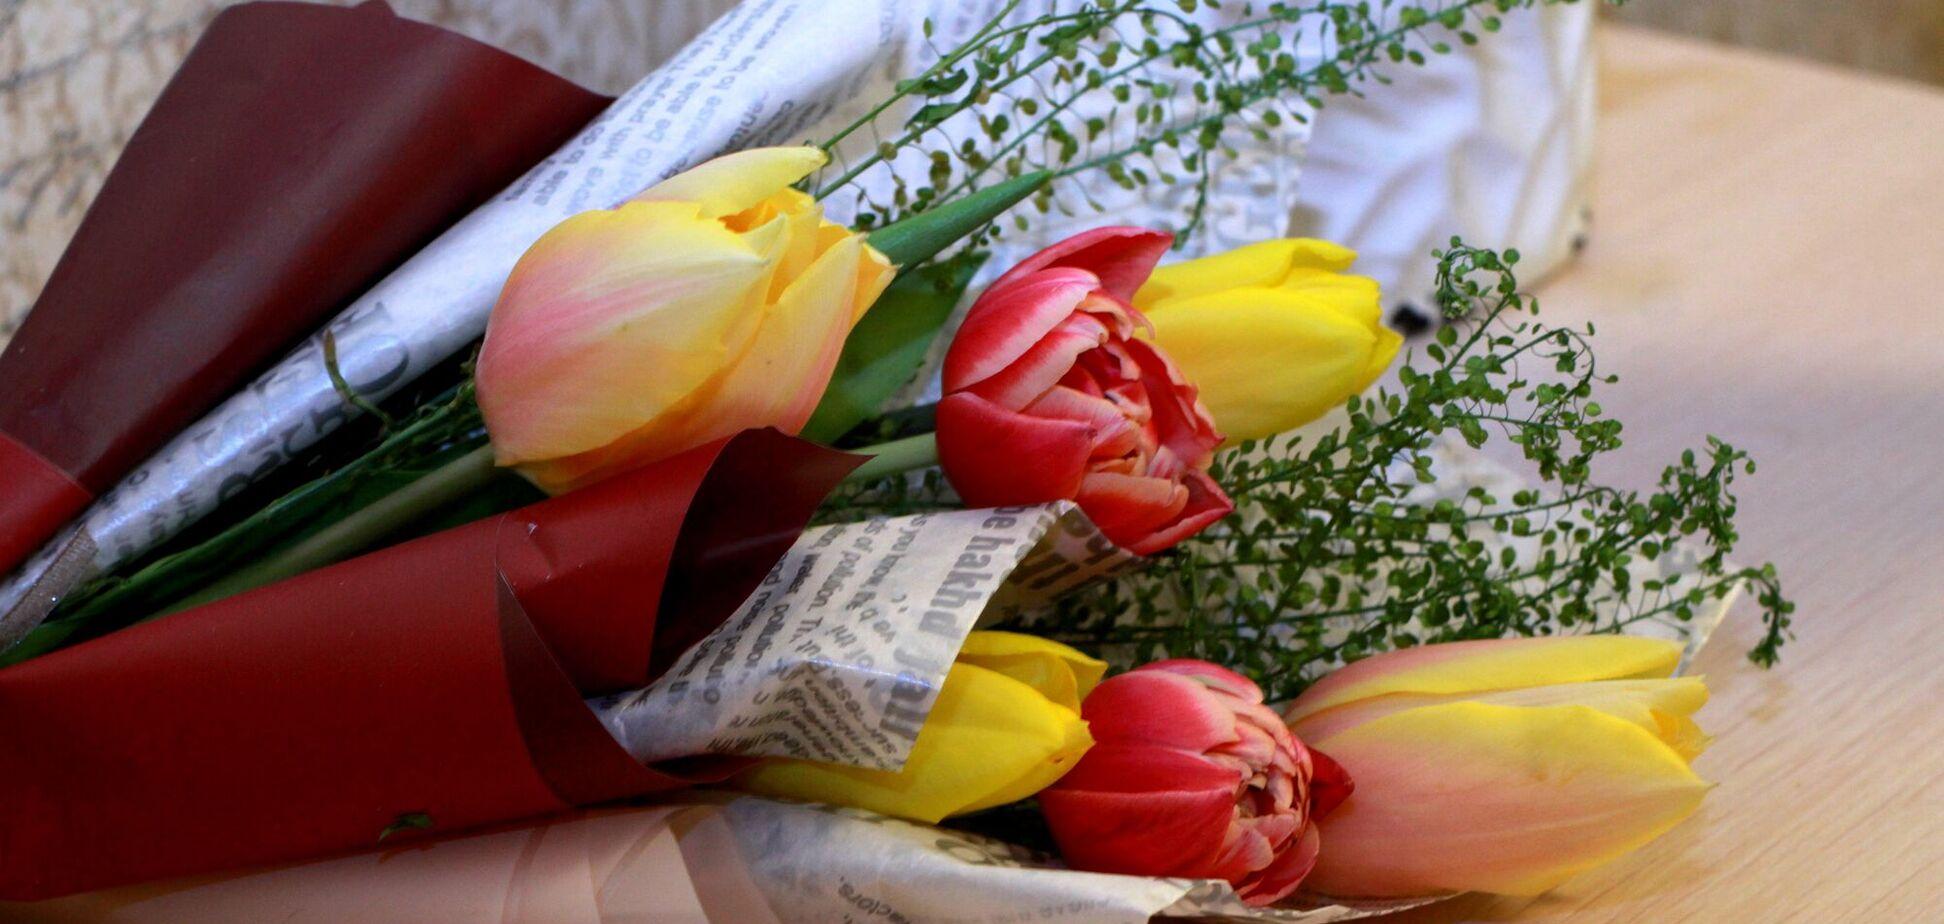 Міжнародний жіночий день має статус державного свята